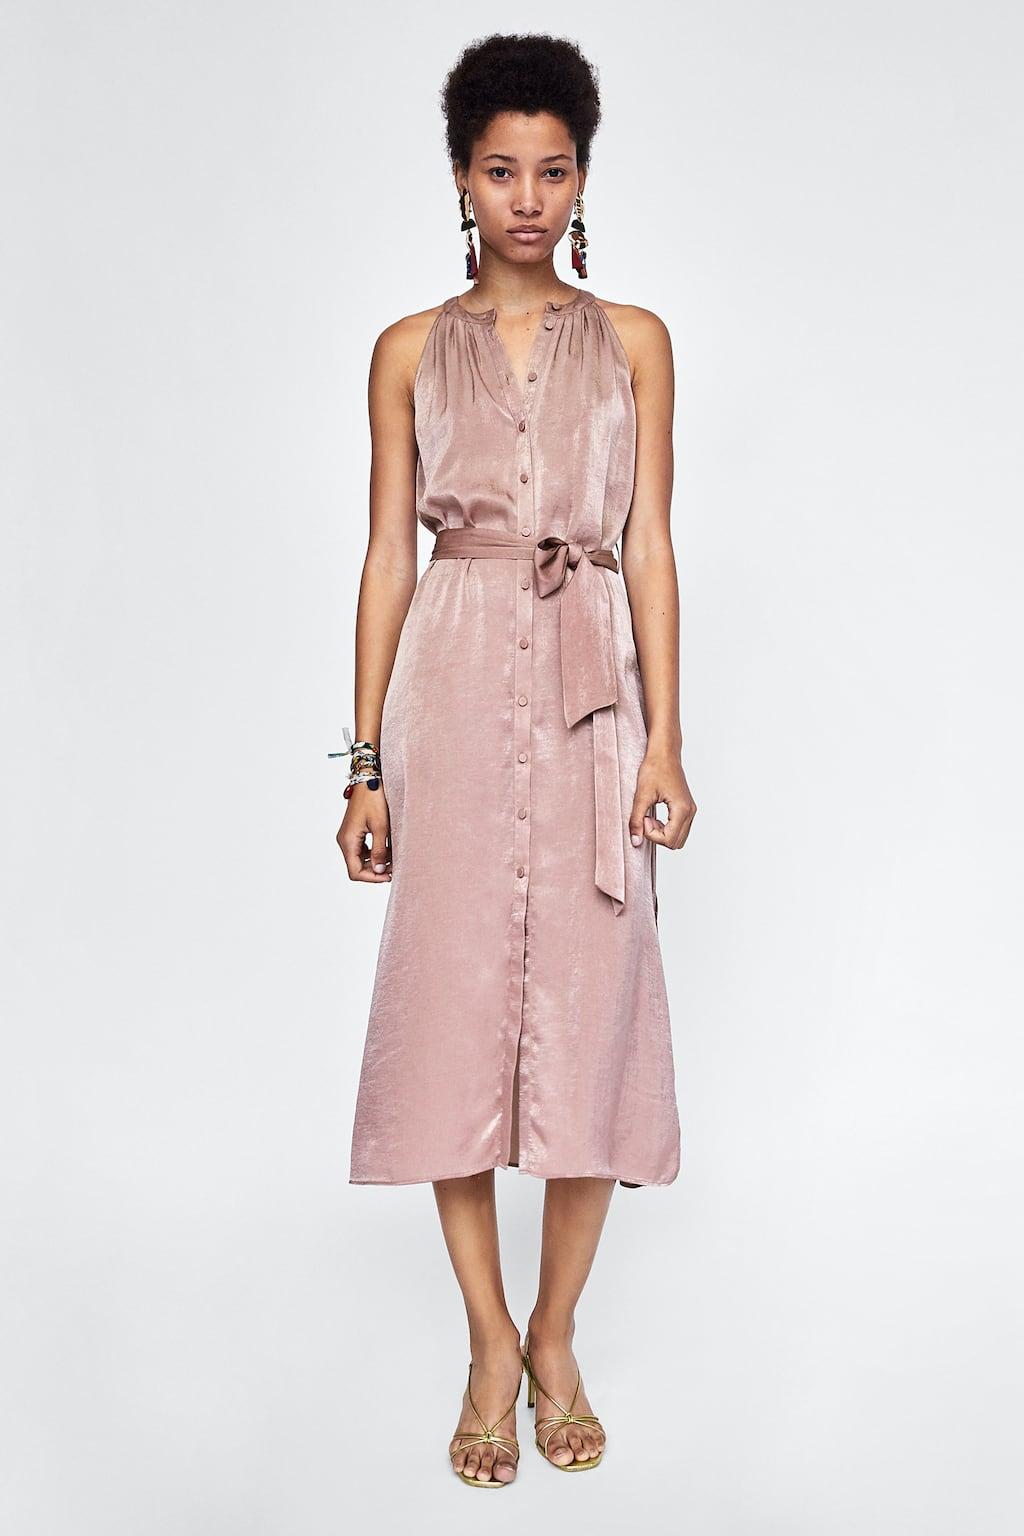 SATEEN DRESS - DRESSES-SALE-WOMAN | ZARA United Kingdom